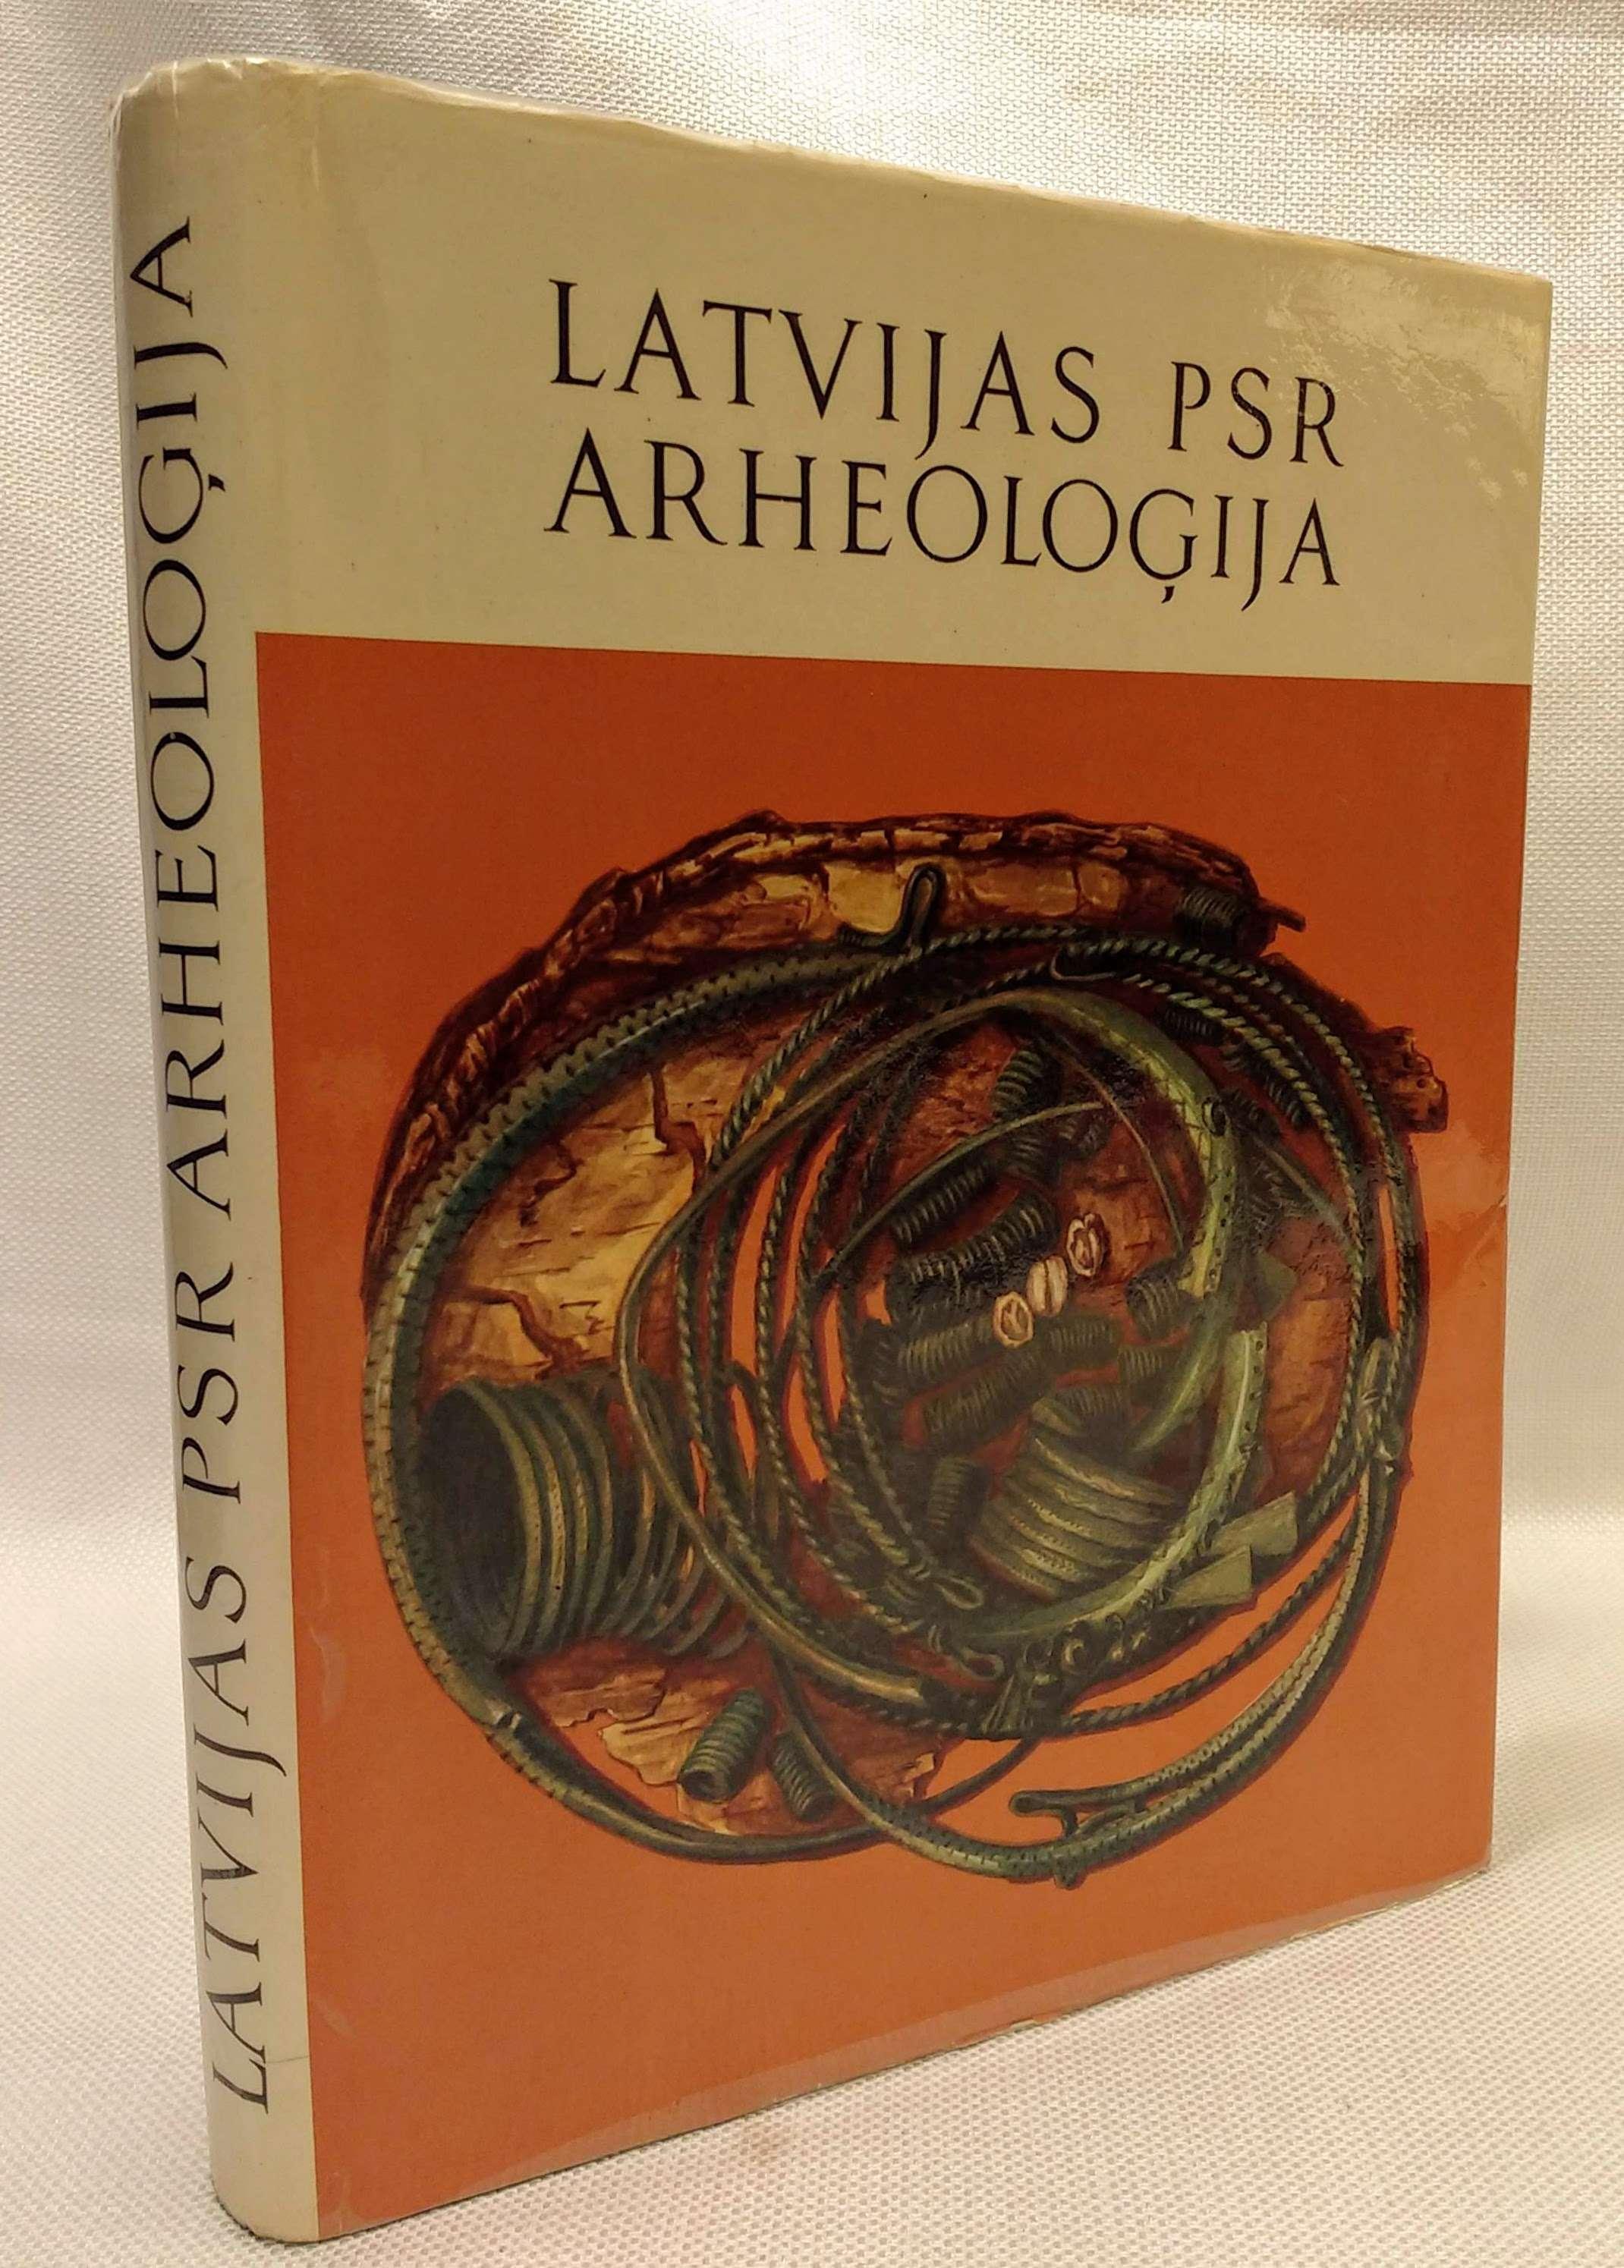 Latvijas PSR Arheologija, Apals, J., et. al.